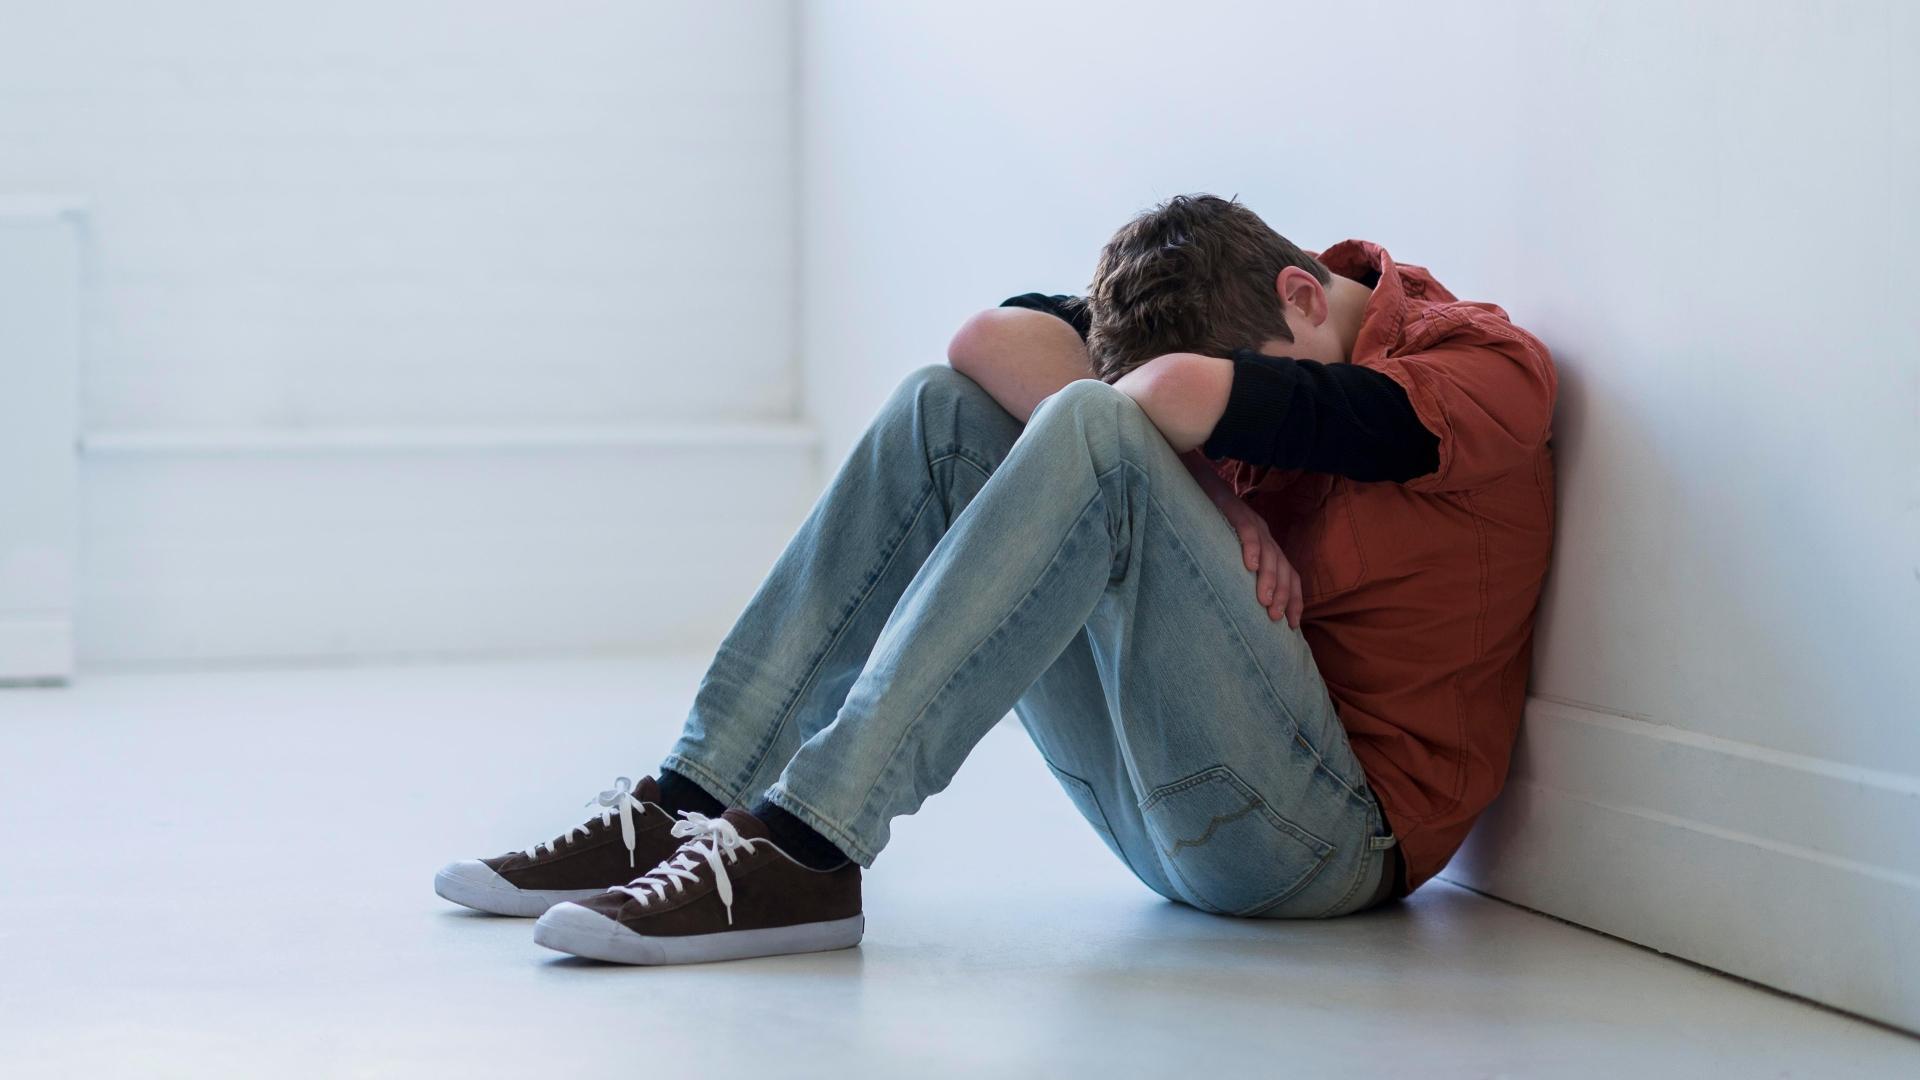 Мужская депрессия генетически отличается от женской